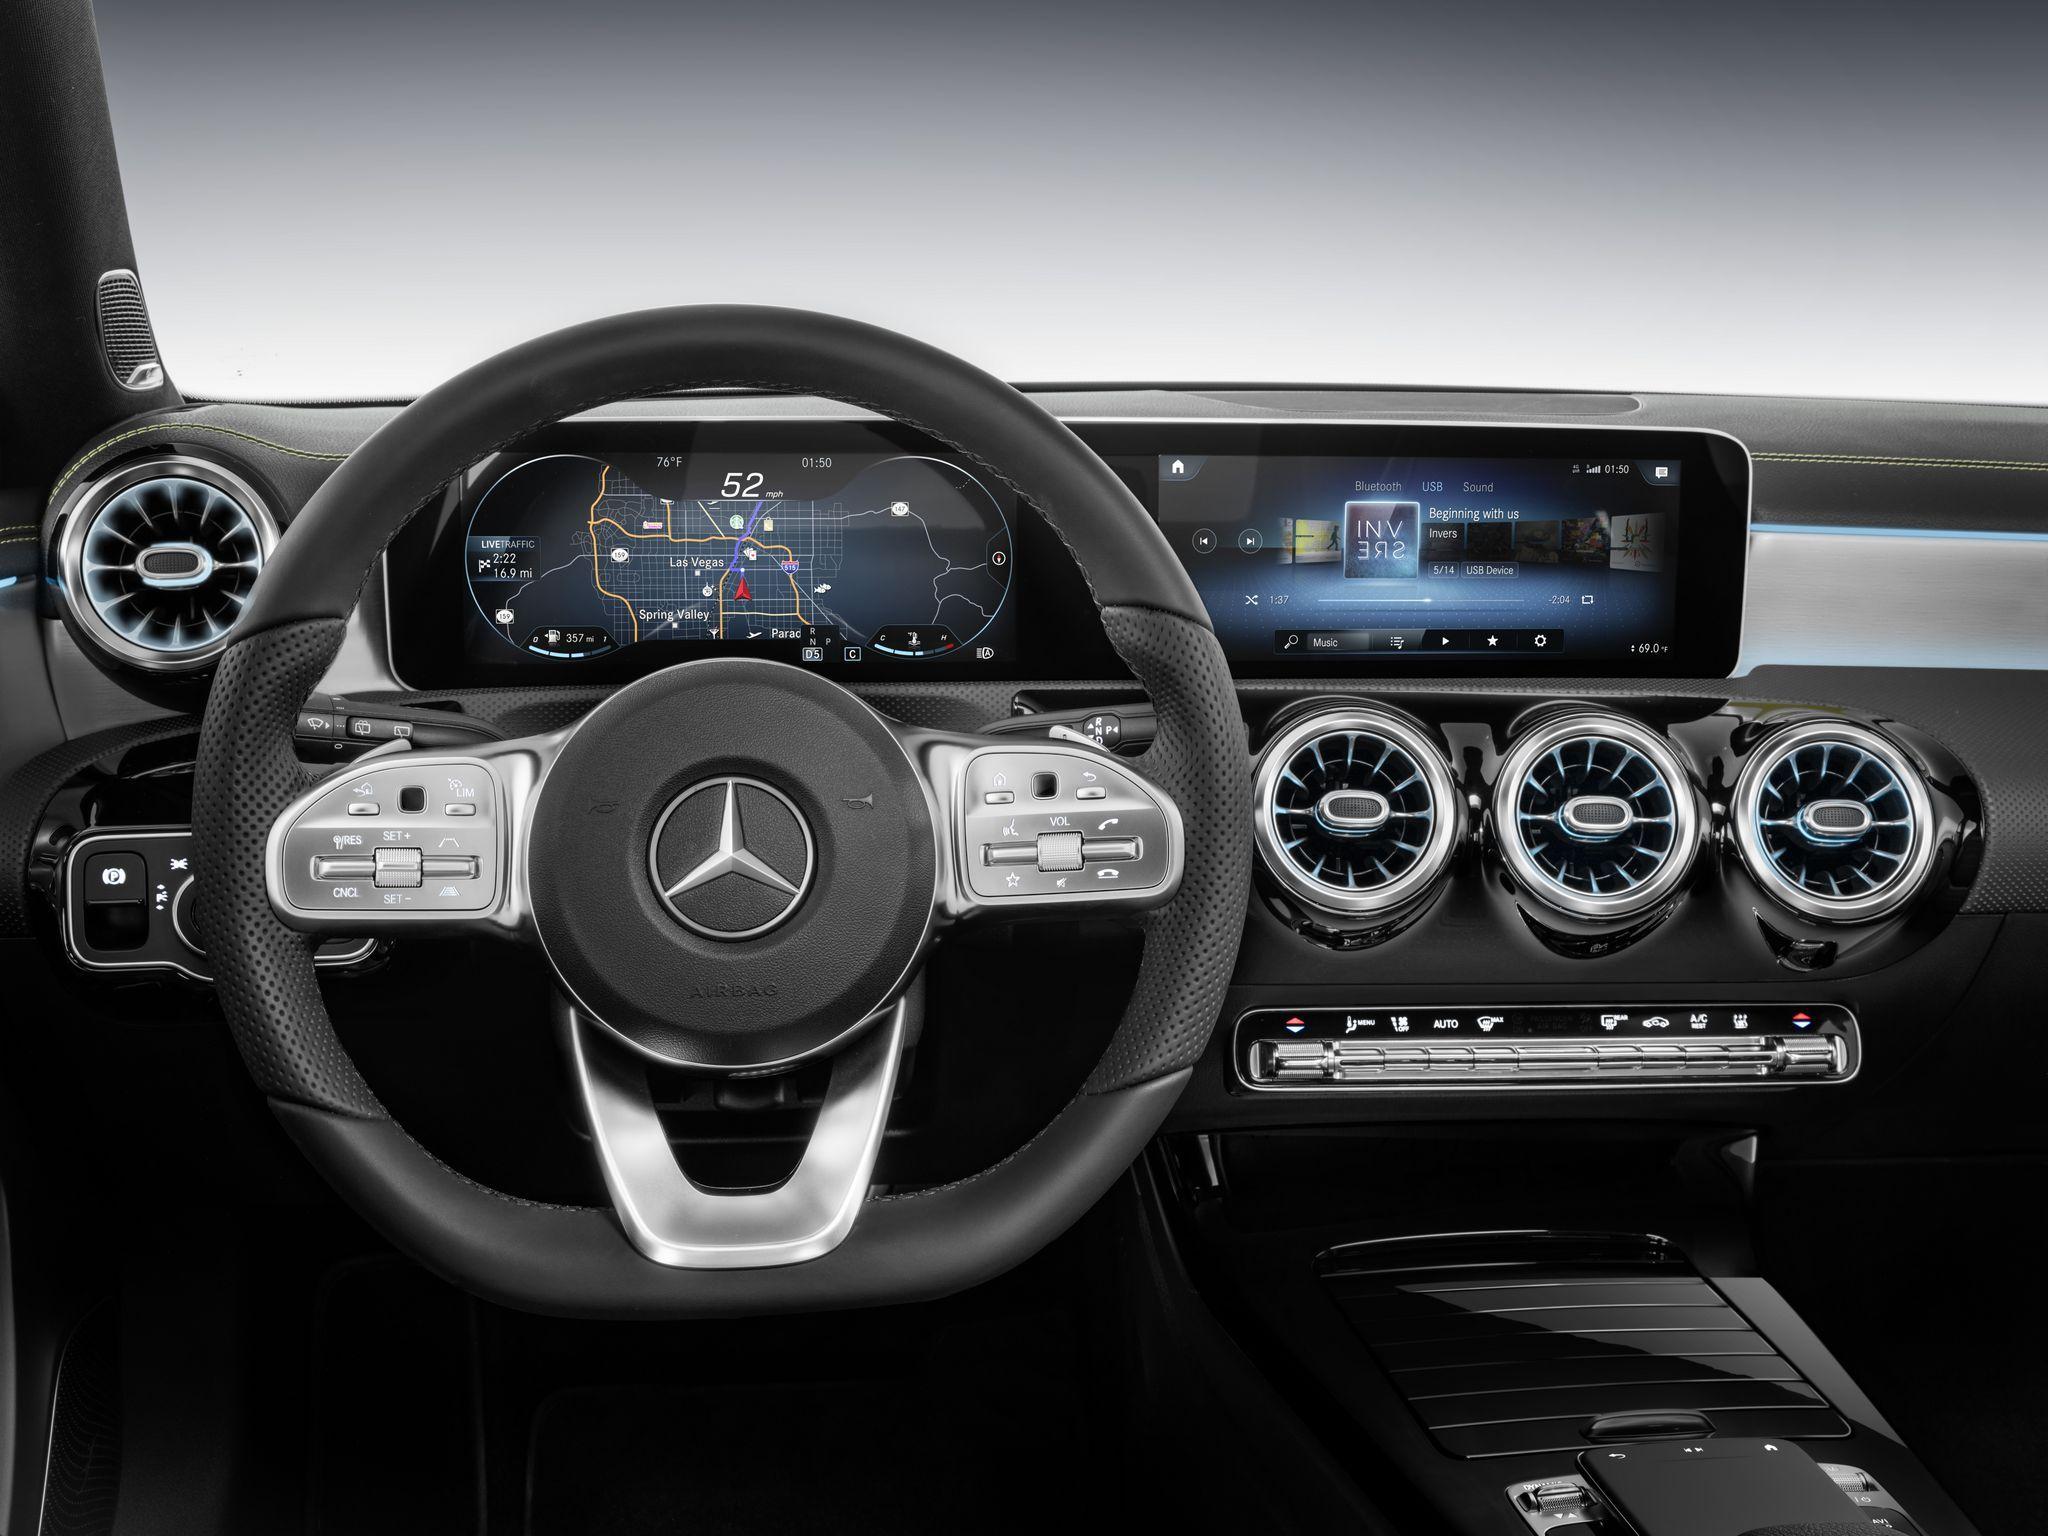 CES Neue Mercedes me Dienste mit MBUX MercedesBenz